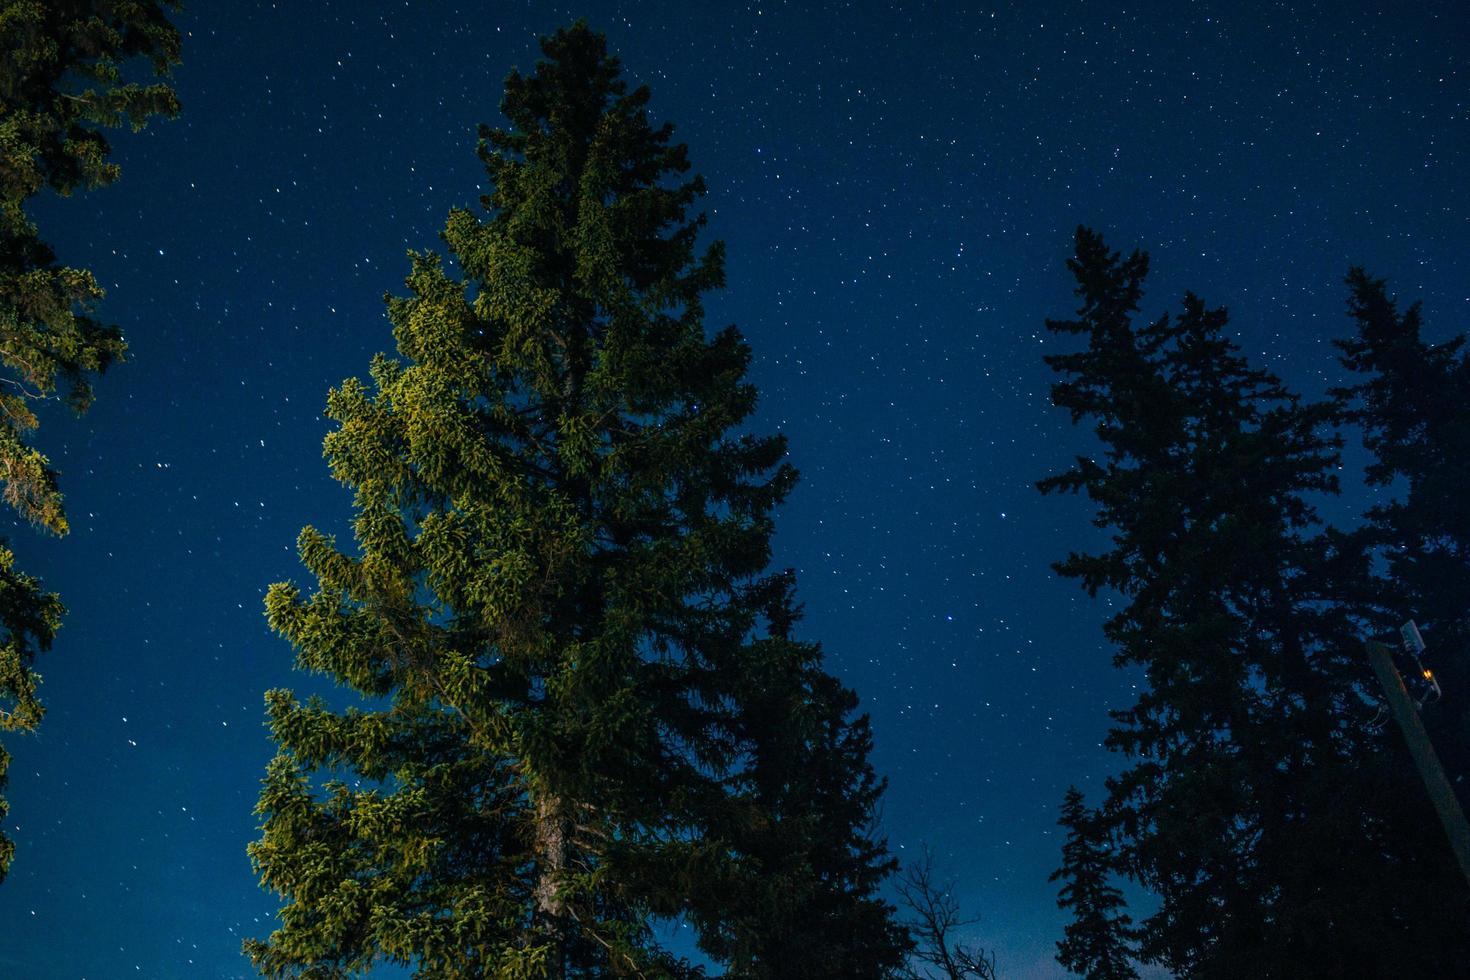 verlichte pijnboom 's nachts foto